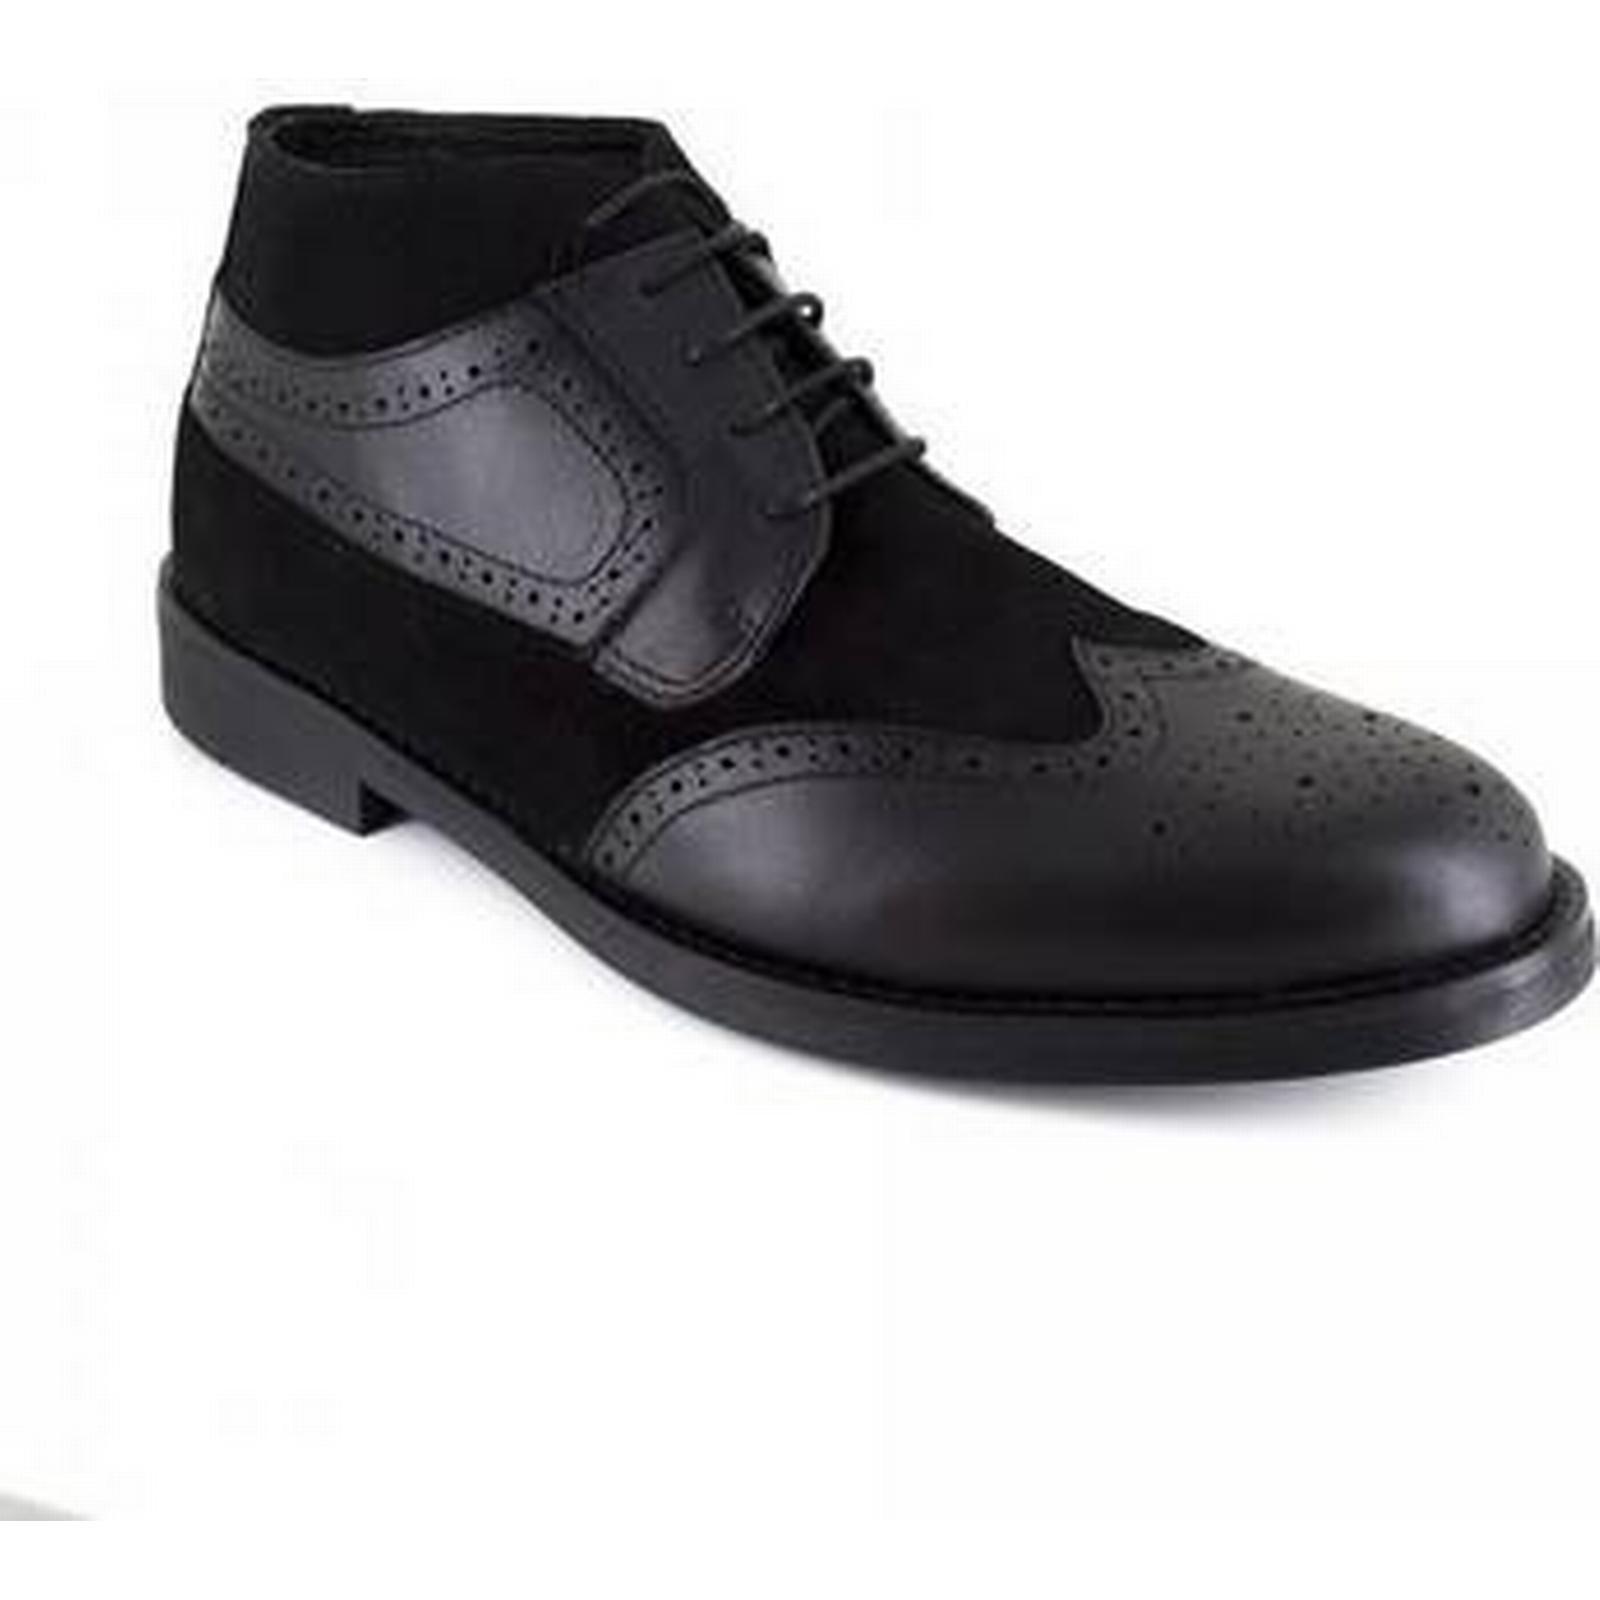 spartoo.co.uk spartoo.co.uk spartoo.co.uk bottes en cuir noir j.bradford faible jb-buvez hommes & #  ; s la mi - bottes en noir c255e6